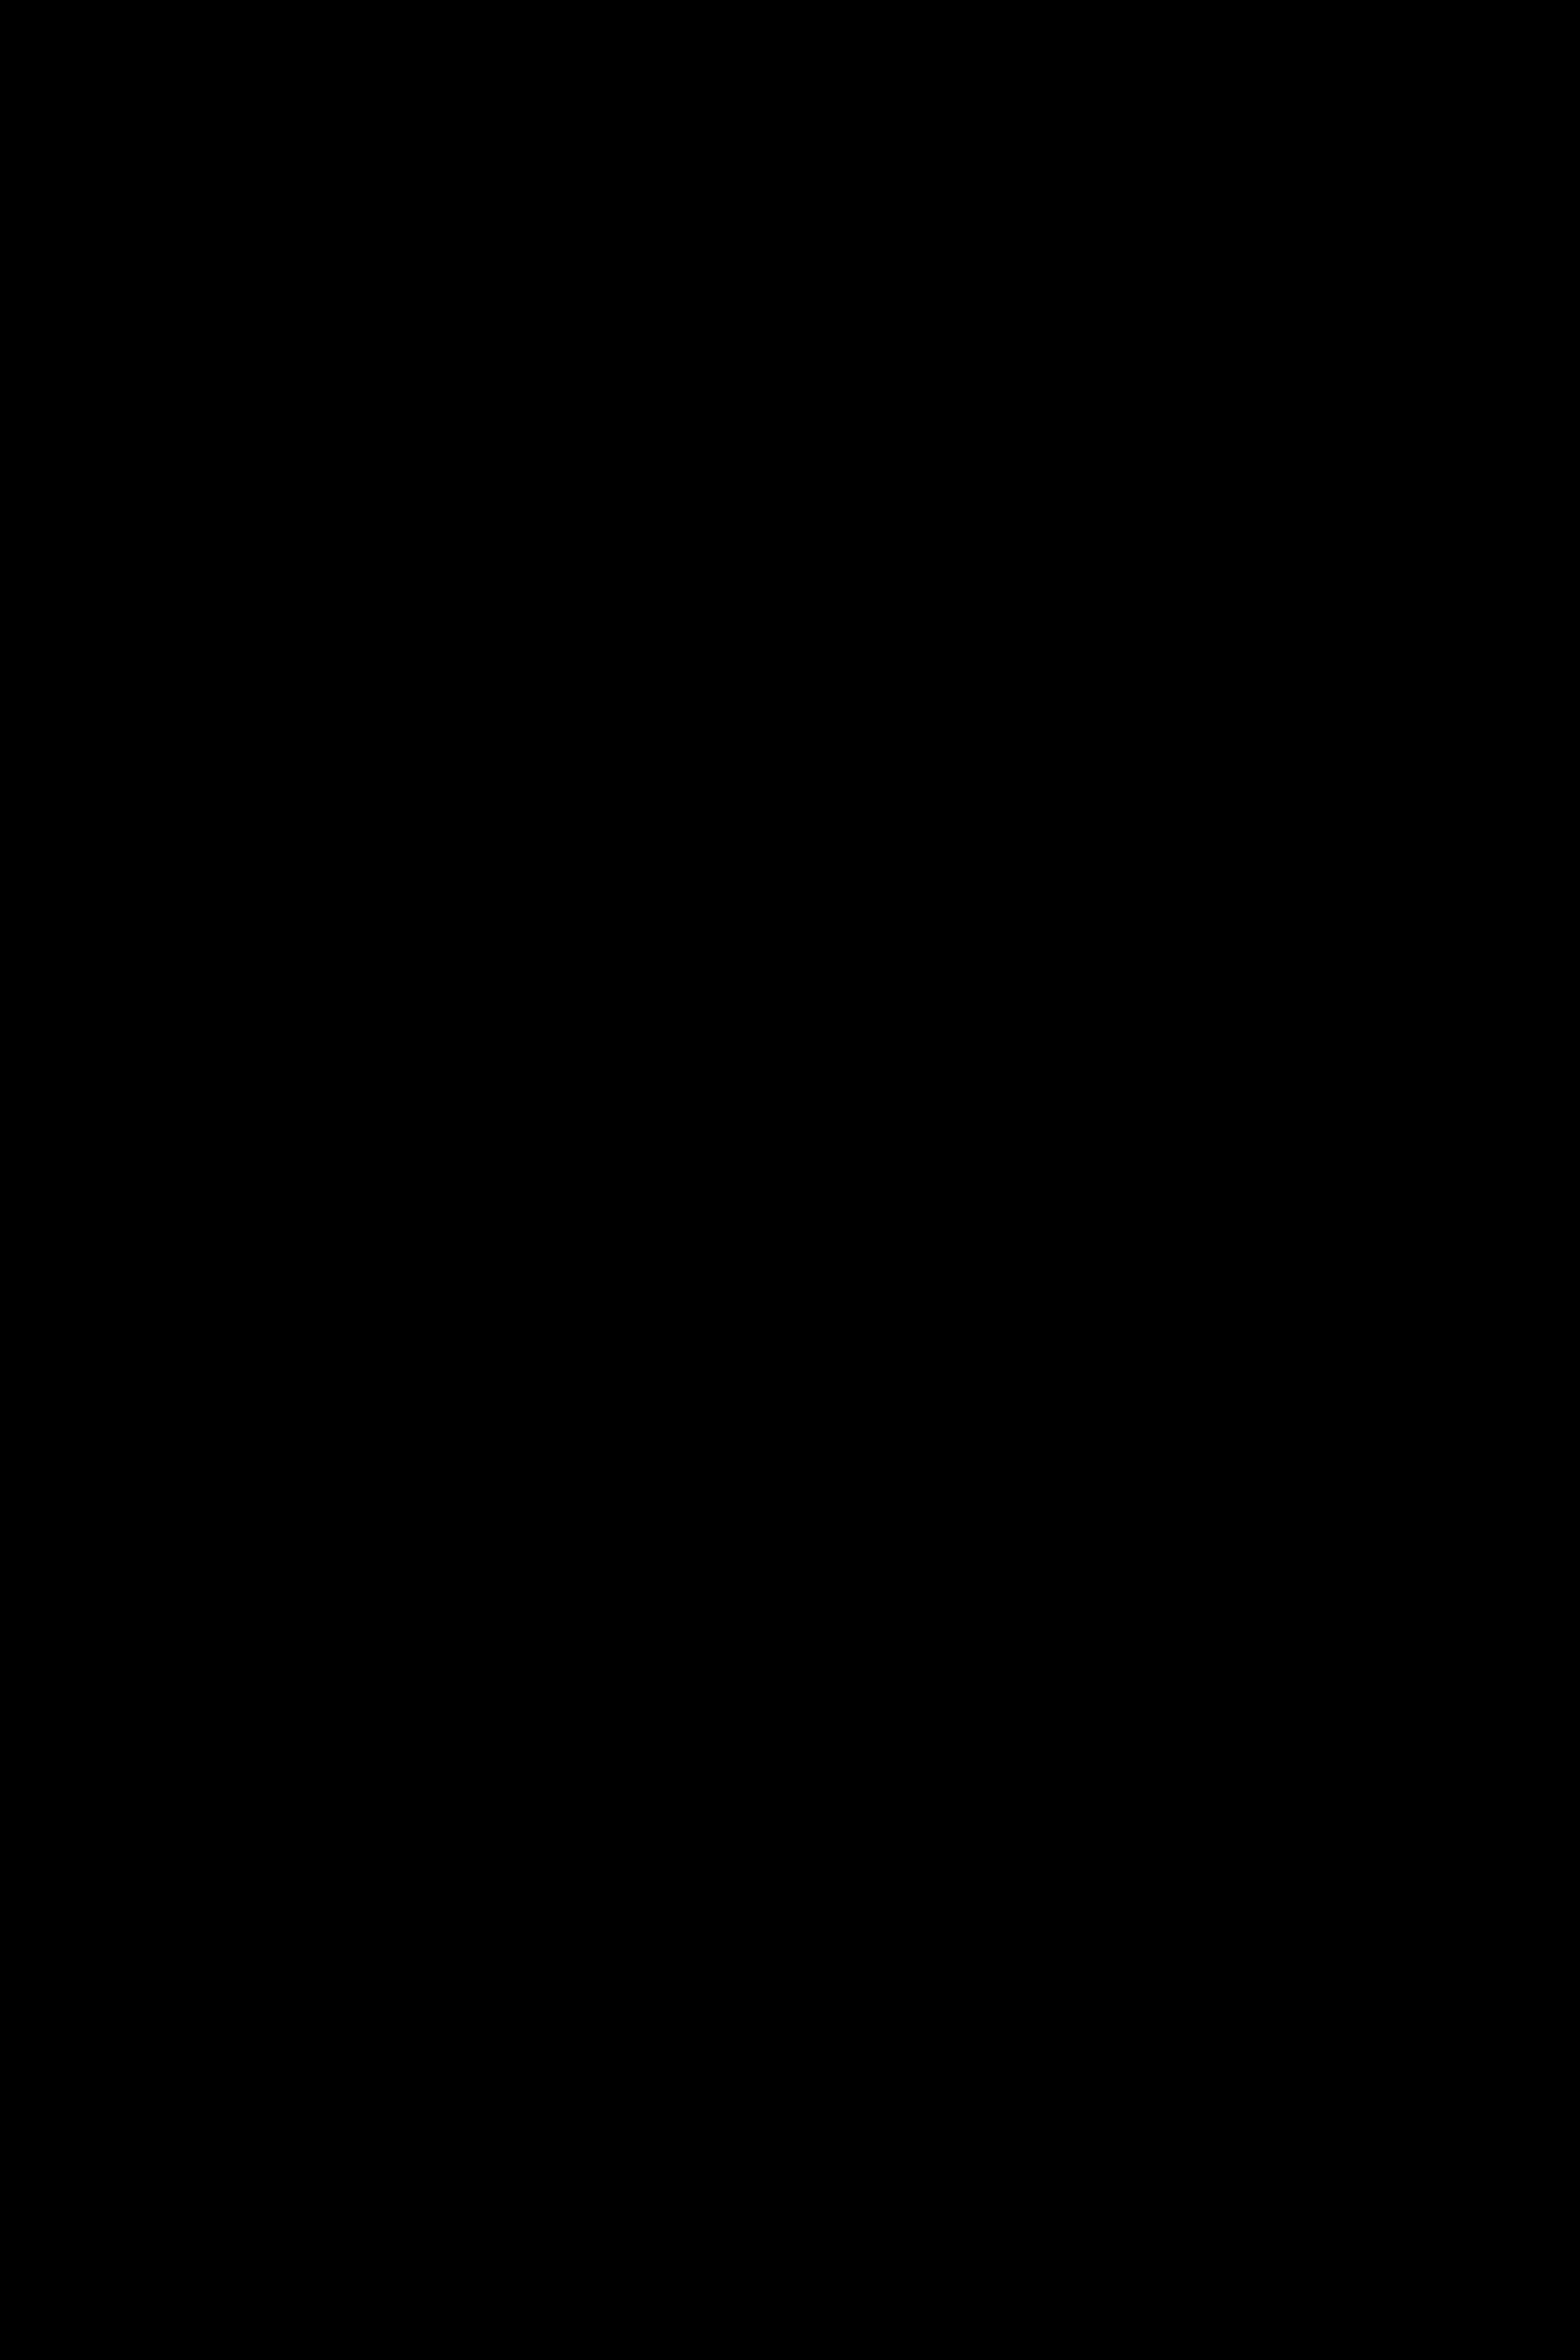 (左)SOFINA iP UV Resister Smooth Milk SPF50+ PA++++ $250/30ml SOFINA全新的iP防曬精華,結合了UV阻隔技術和抗氧化修護技術,質感清爽幼滑,防曬之餘同時鎖水保濕。 (右)CLARINS身體防曬水感噴霧SPF50+ $260/150ml 水狀防曬噴霧可噴在身體和秀髮上,提供SPF 50+防曬保護,方便戶外活動時快速保濕和防曬。